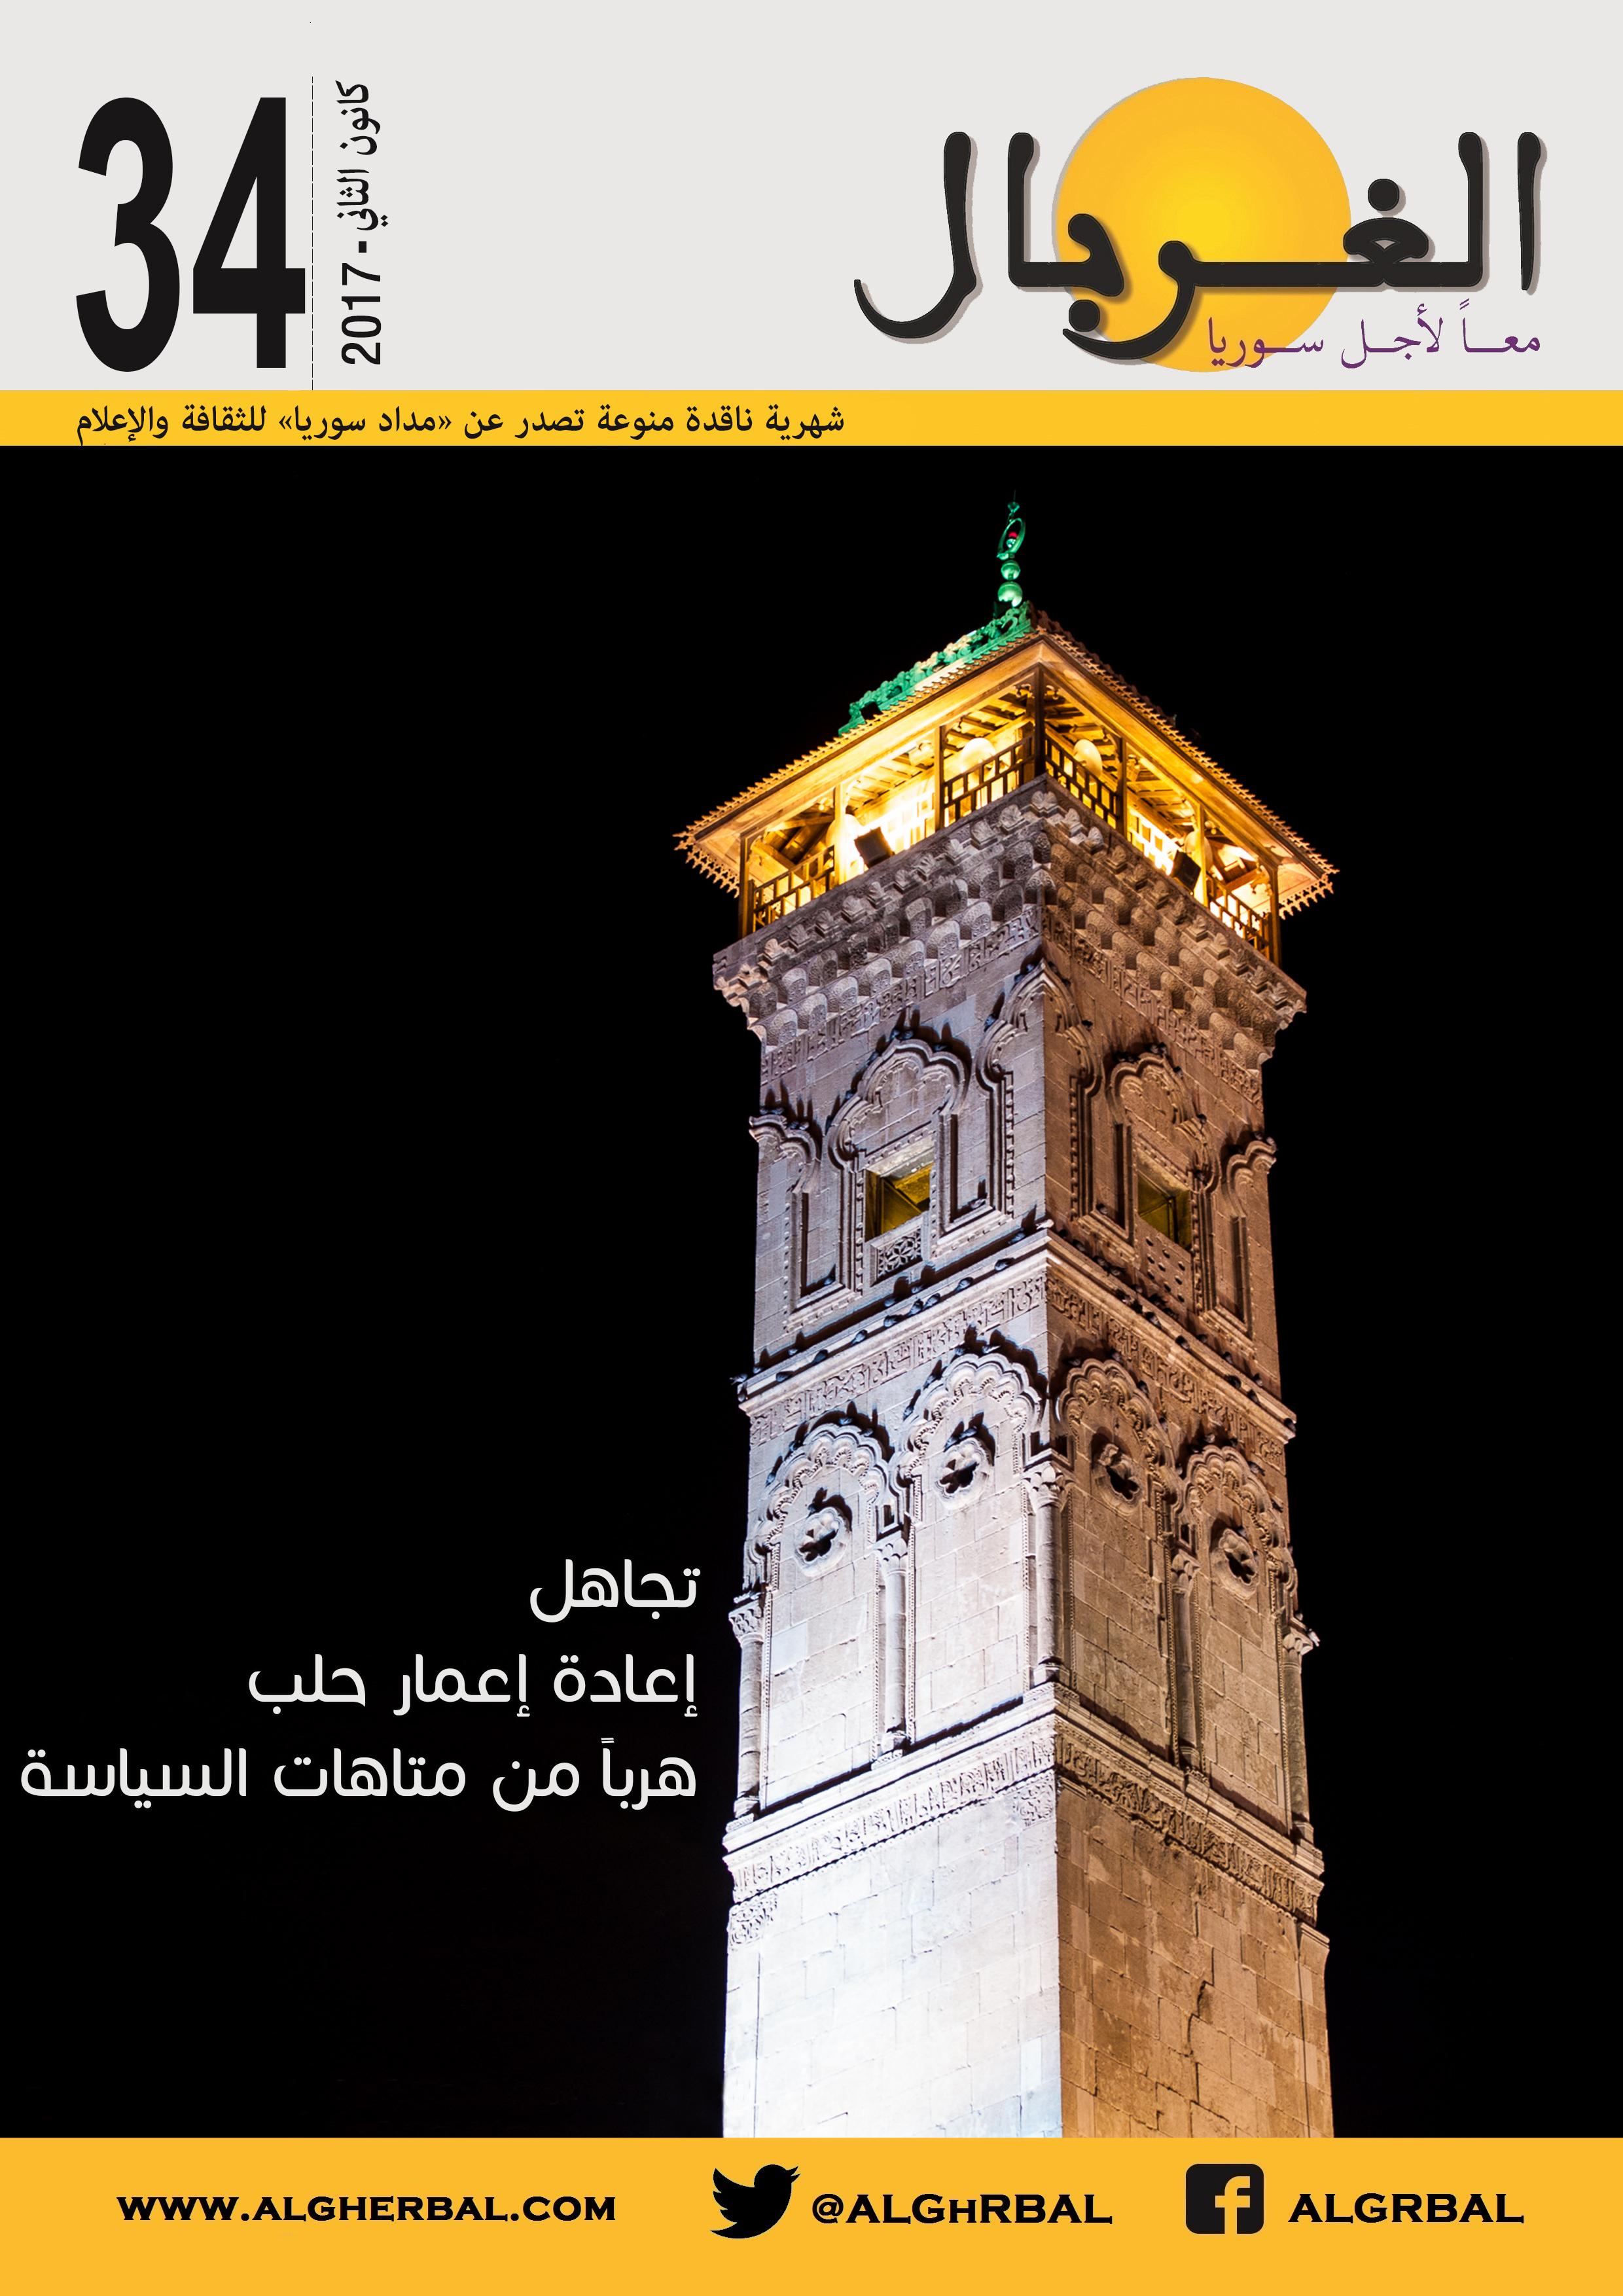 غلاف العدد 34